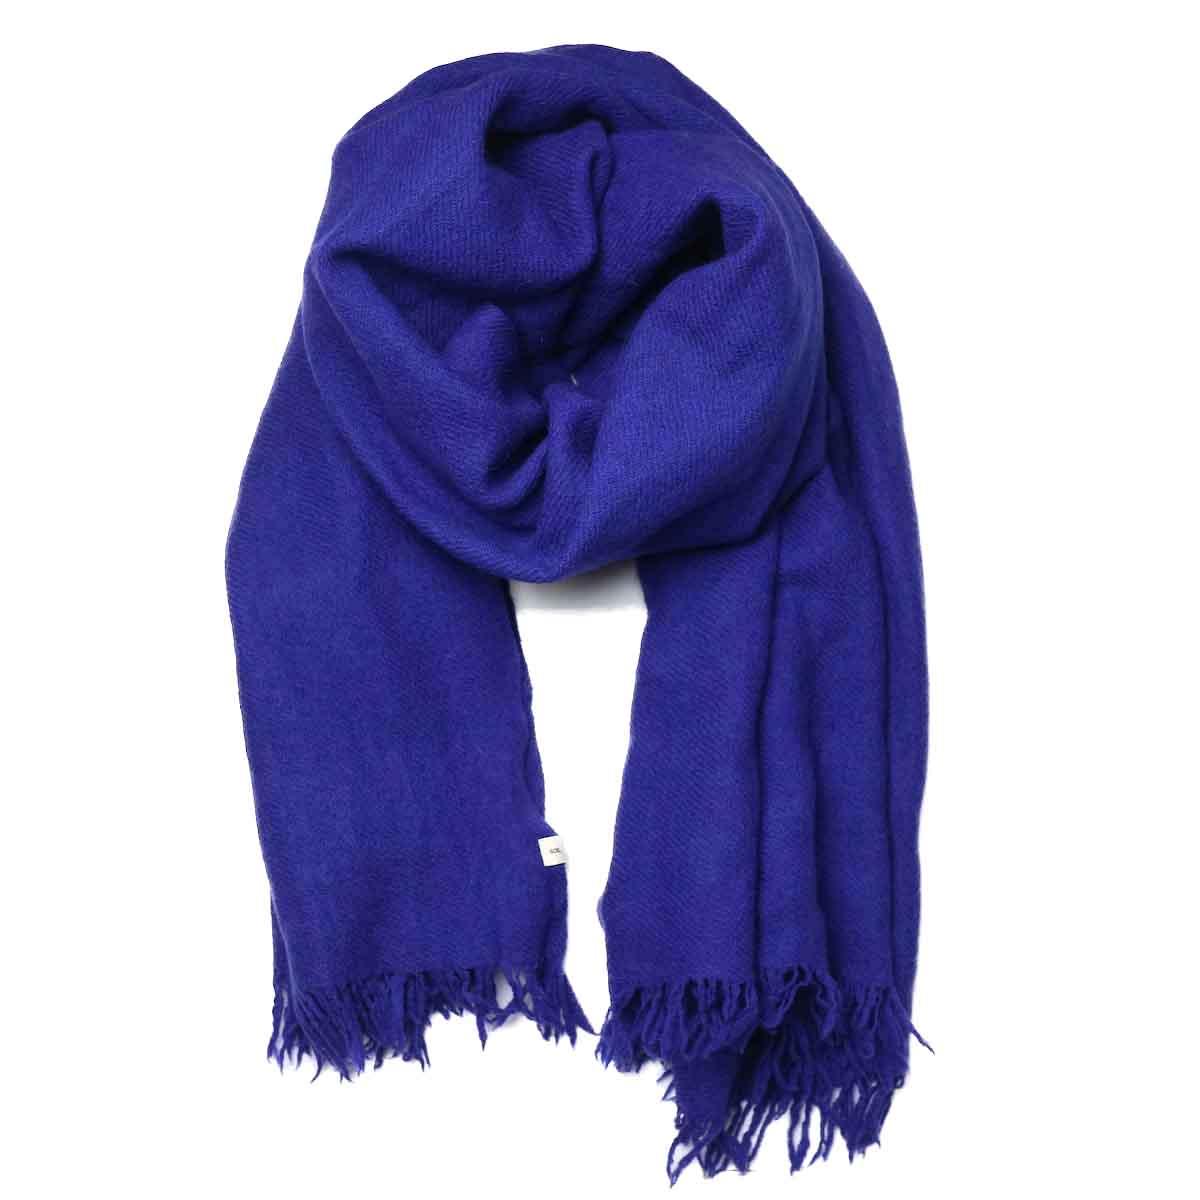 SOIL / MELANGE BOILED WOOL PLAIN STOLE (Purple) 全体